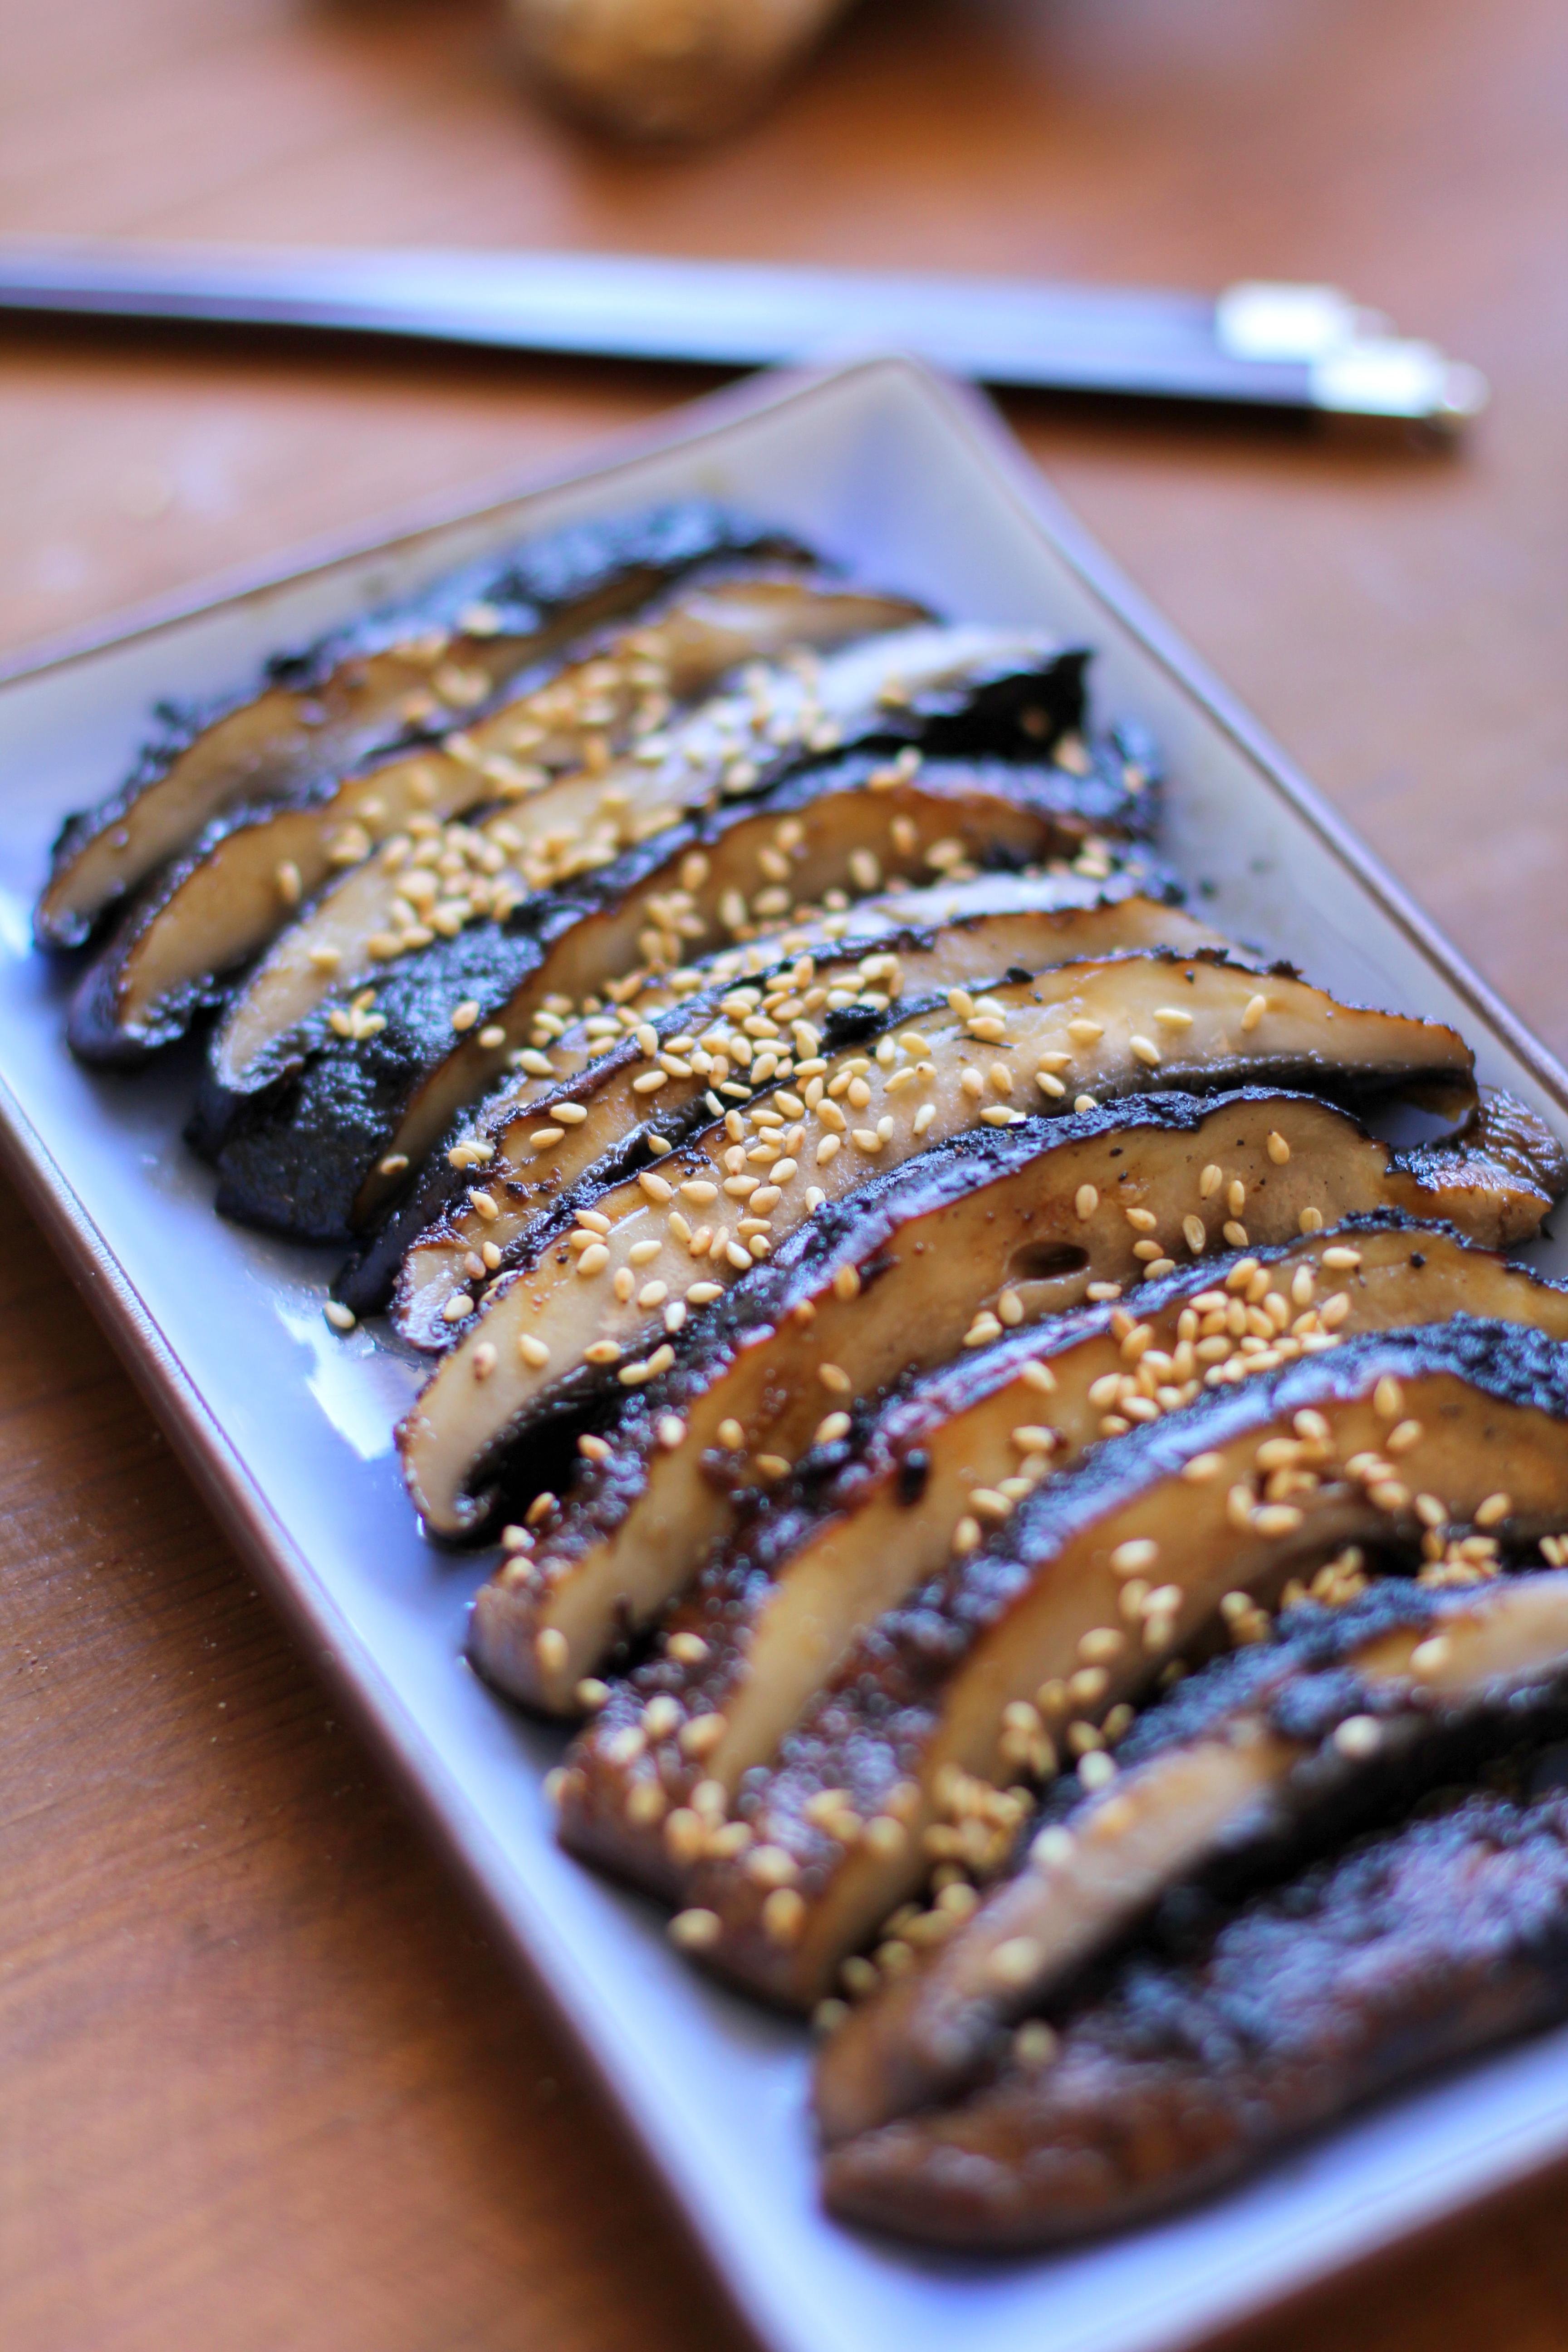 Balsamic-Ginger Grilled Portobello Mushrooms - The Roasted ...